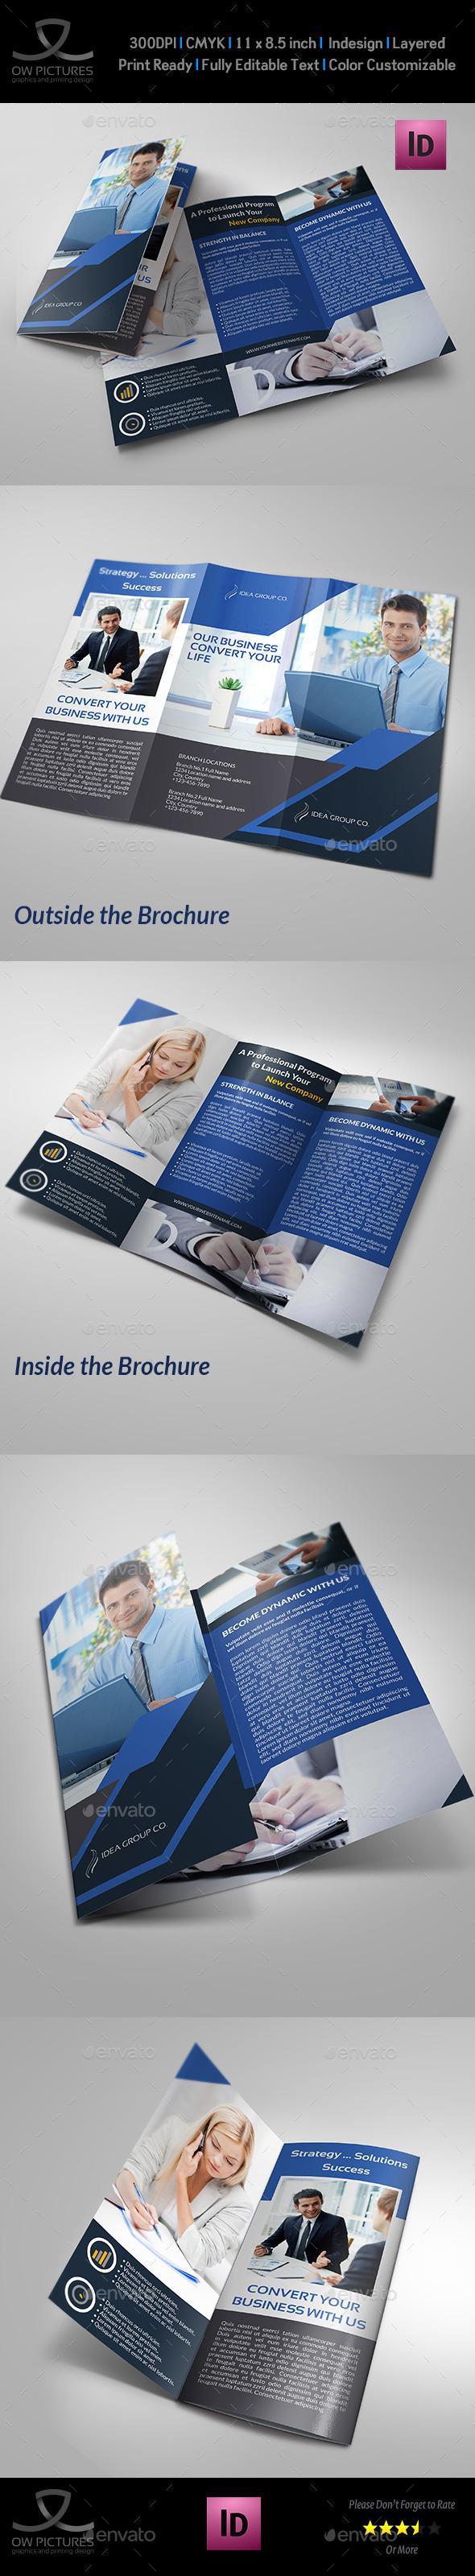 GraphicRiver Company Brochure Tri-Fold Brochure Vol.18 10481139